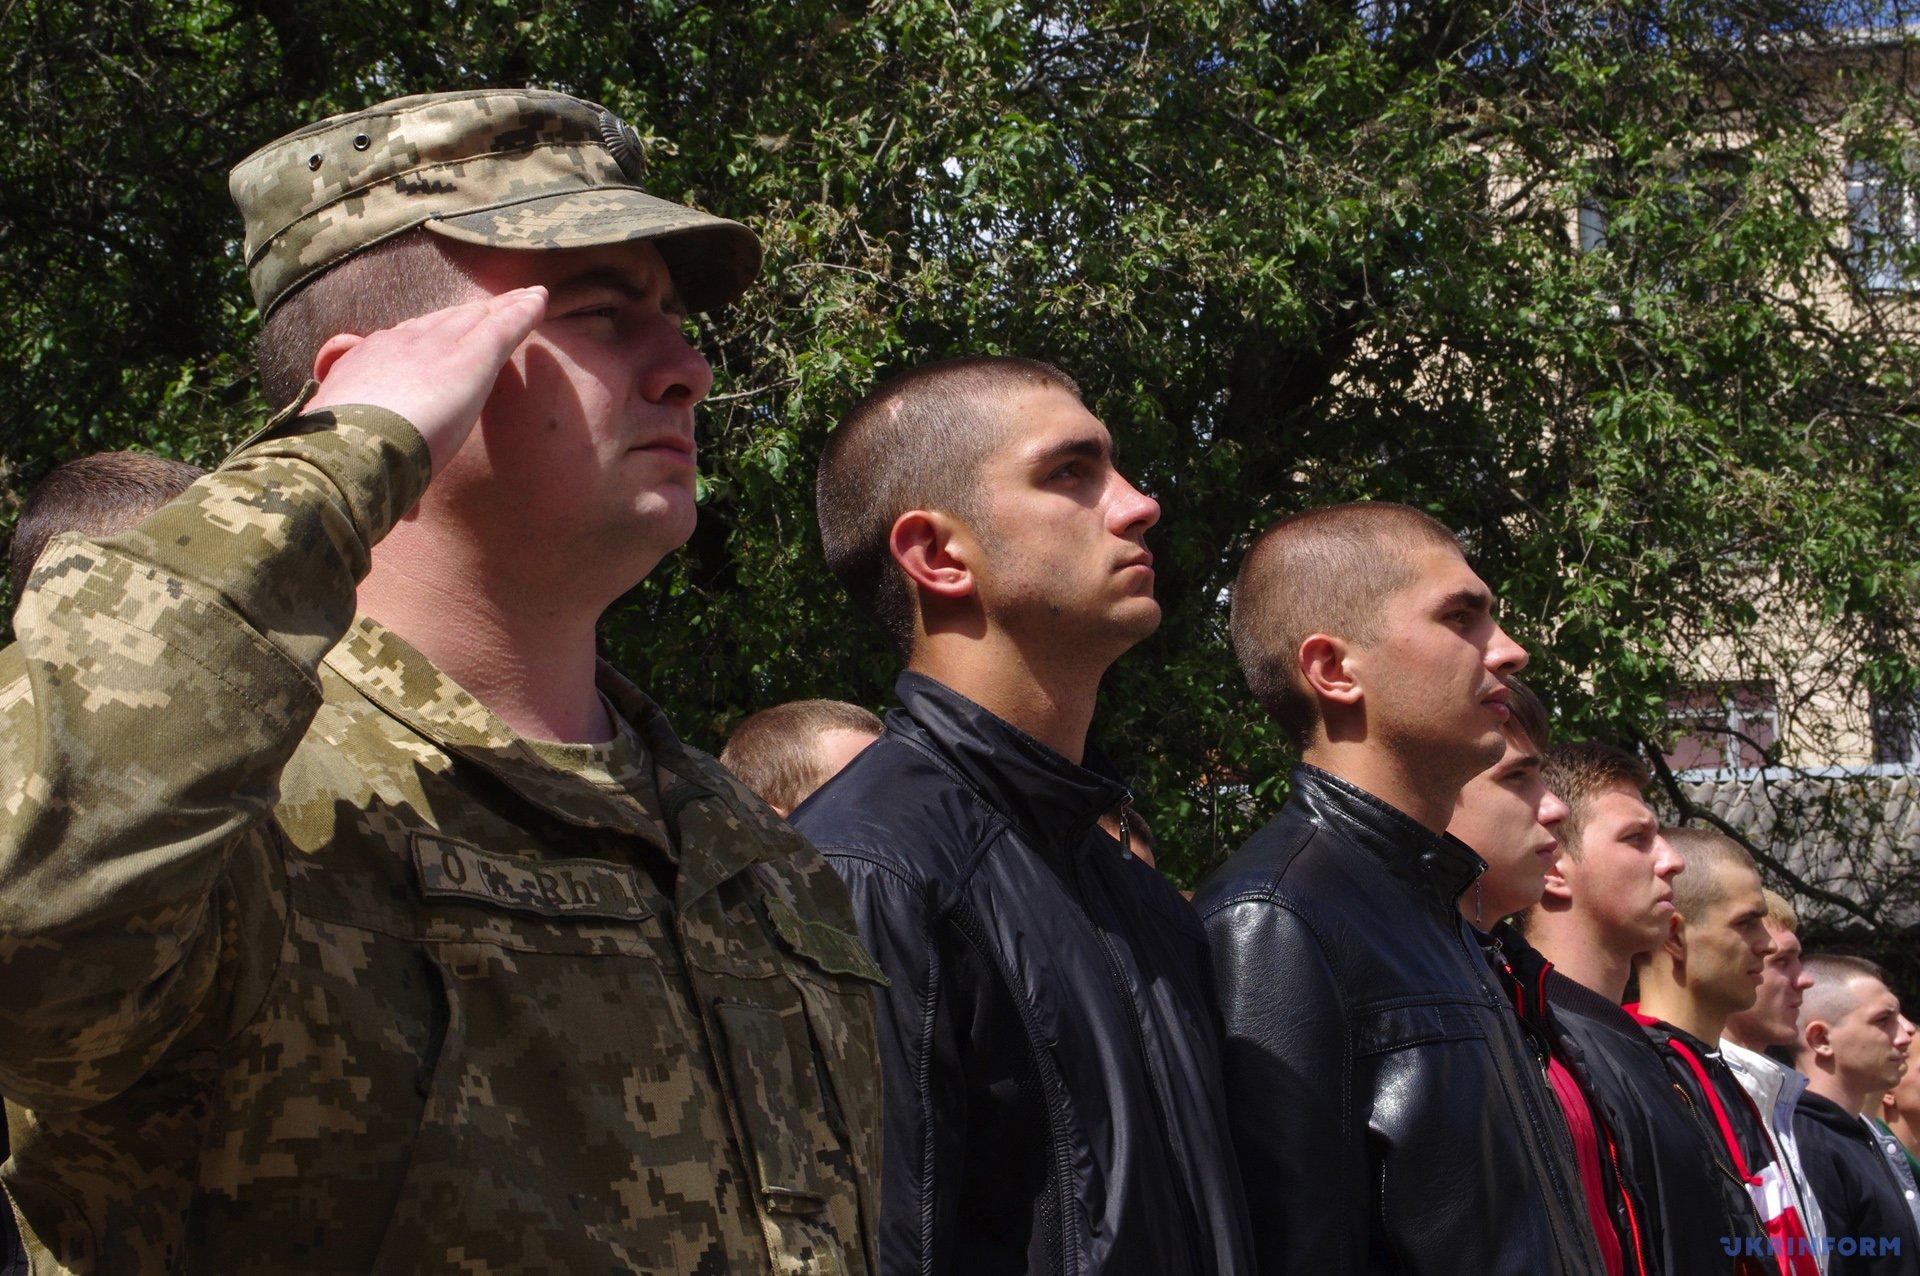 В Полтаве торжественно провели призывников в ряды ВСУ / Фото: Сергей Пустовит, Укринформ